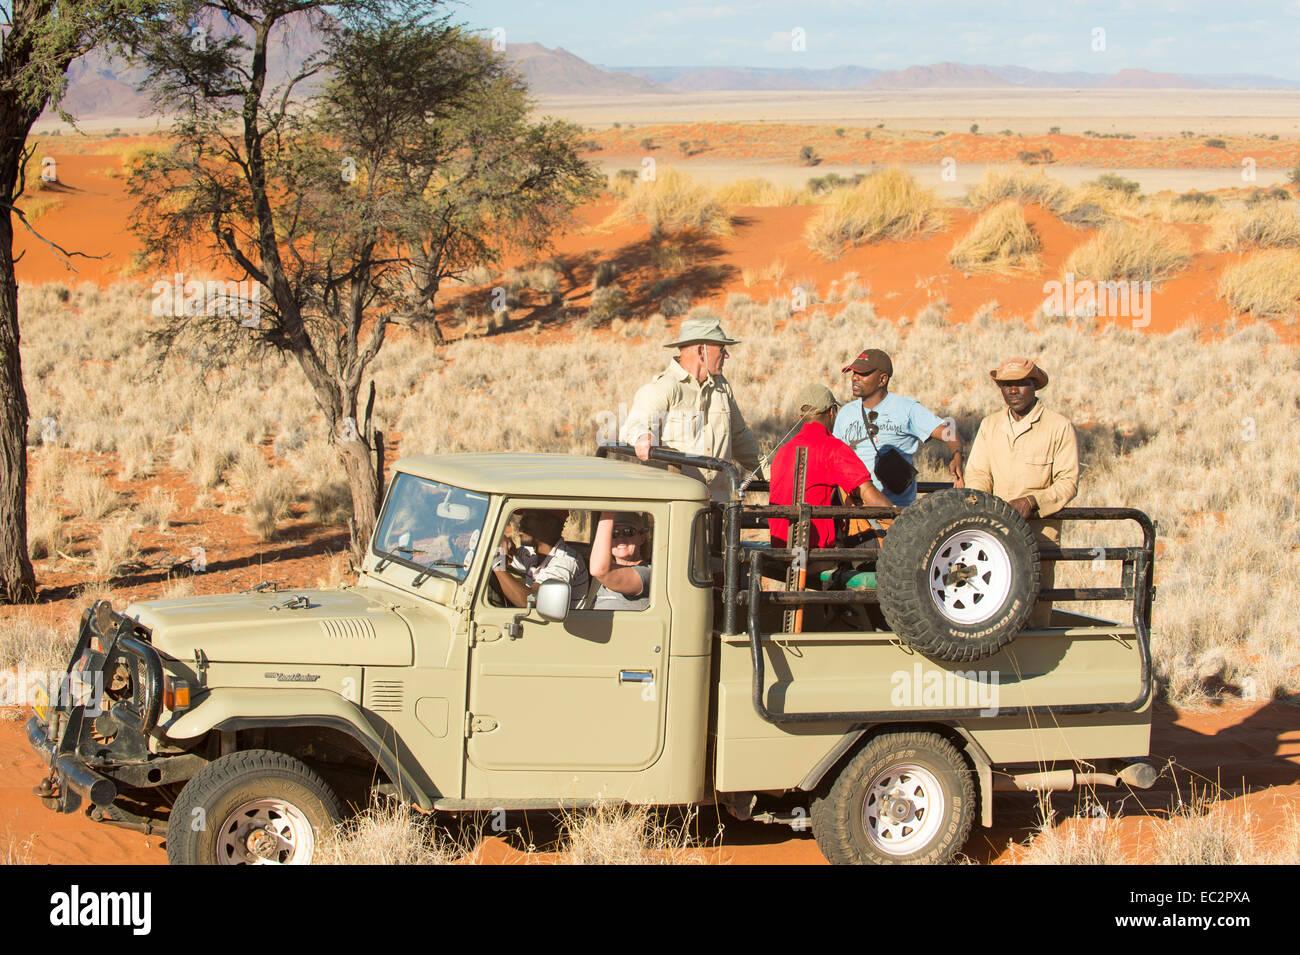 L'Afrique, la Namibie. Tok Tokkie Trails randonnée pédestre et observation de la faune dans le chariot. Photo Stock